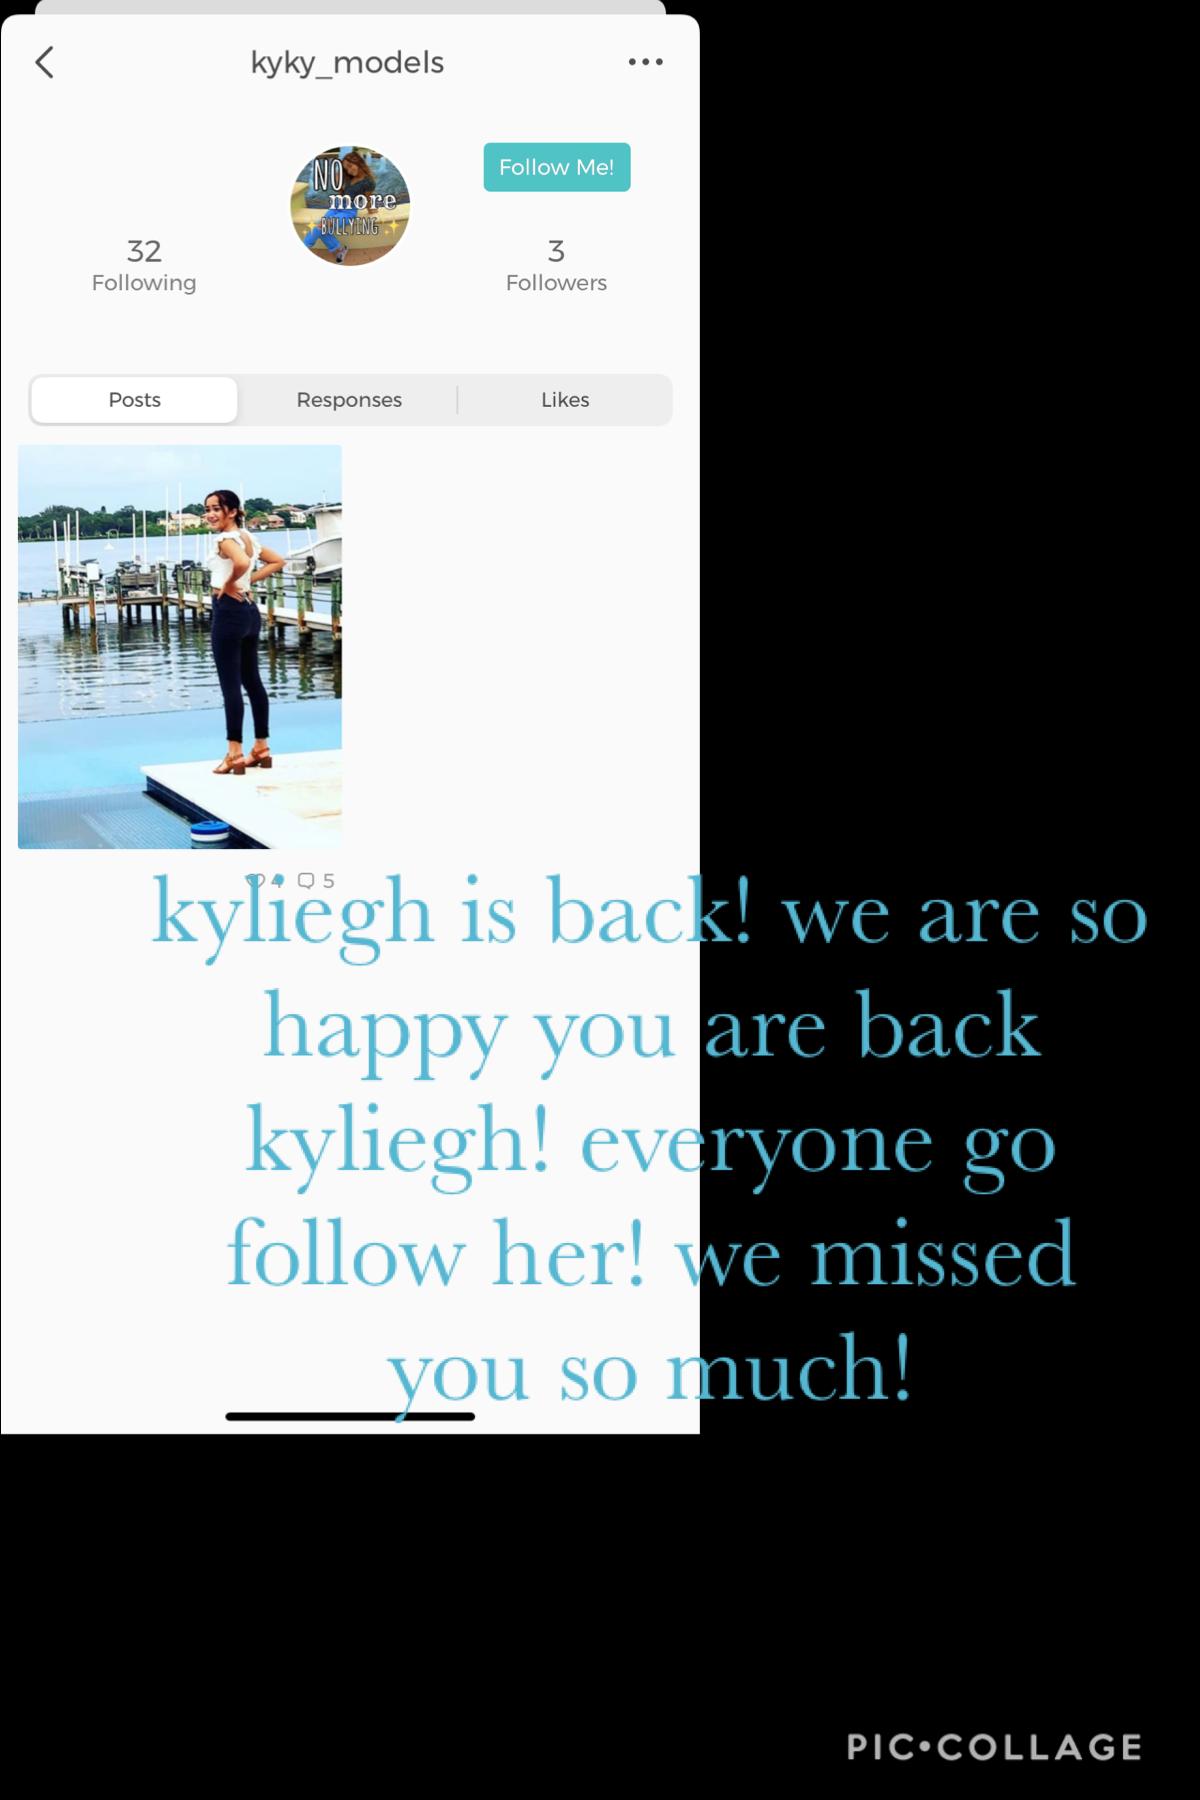 go follow kyliegh! @kyky_models